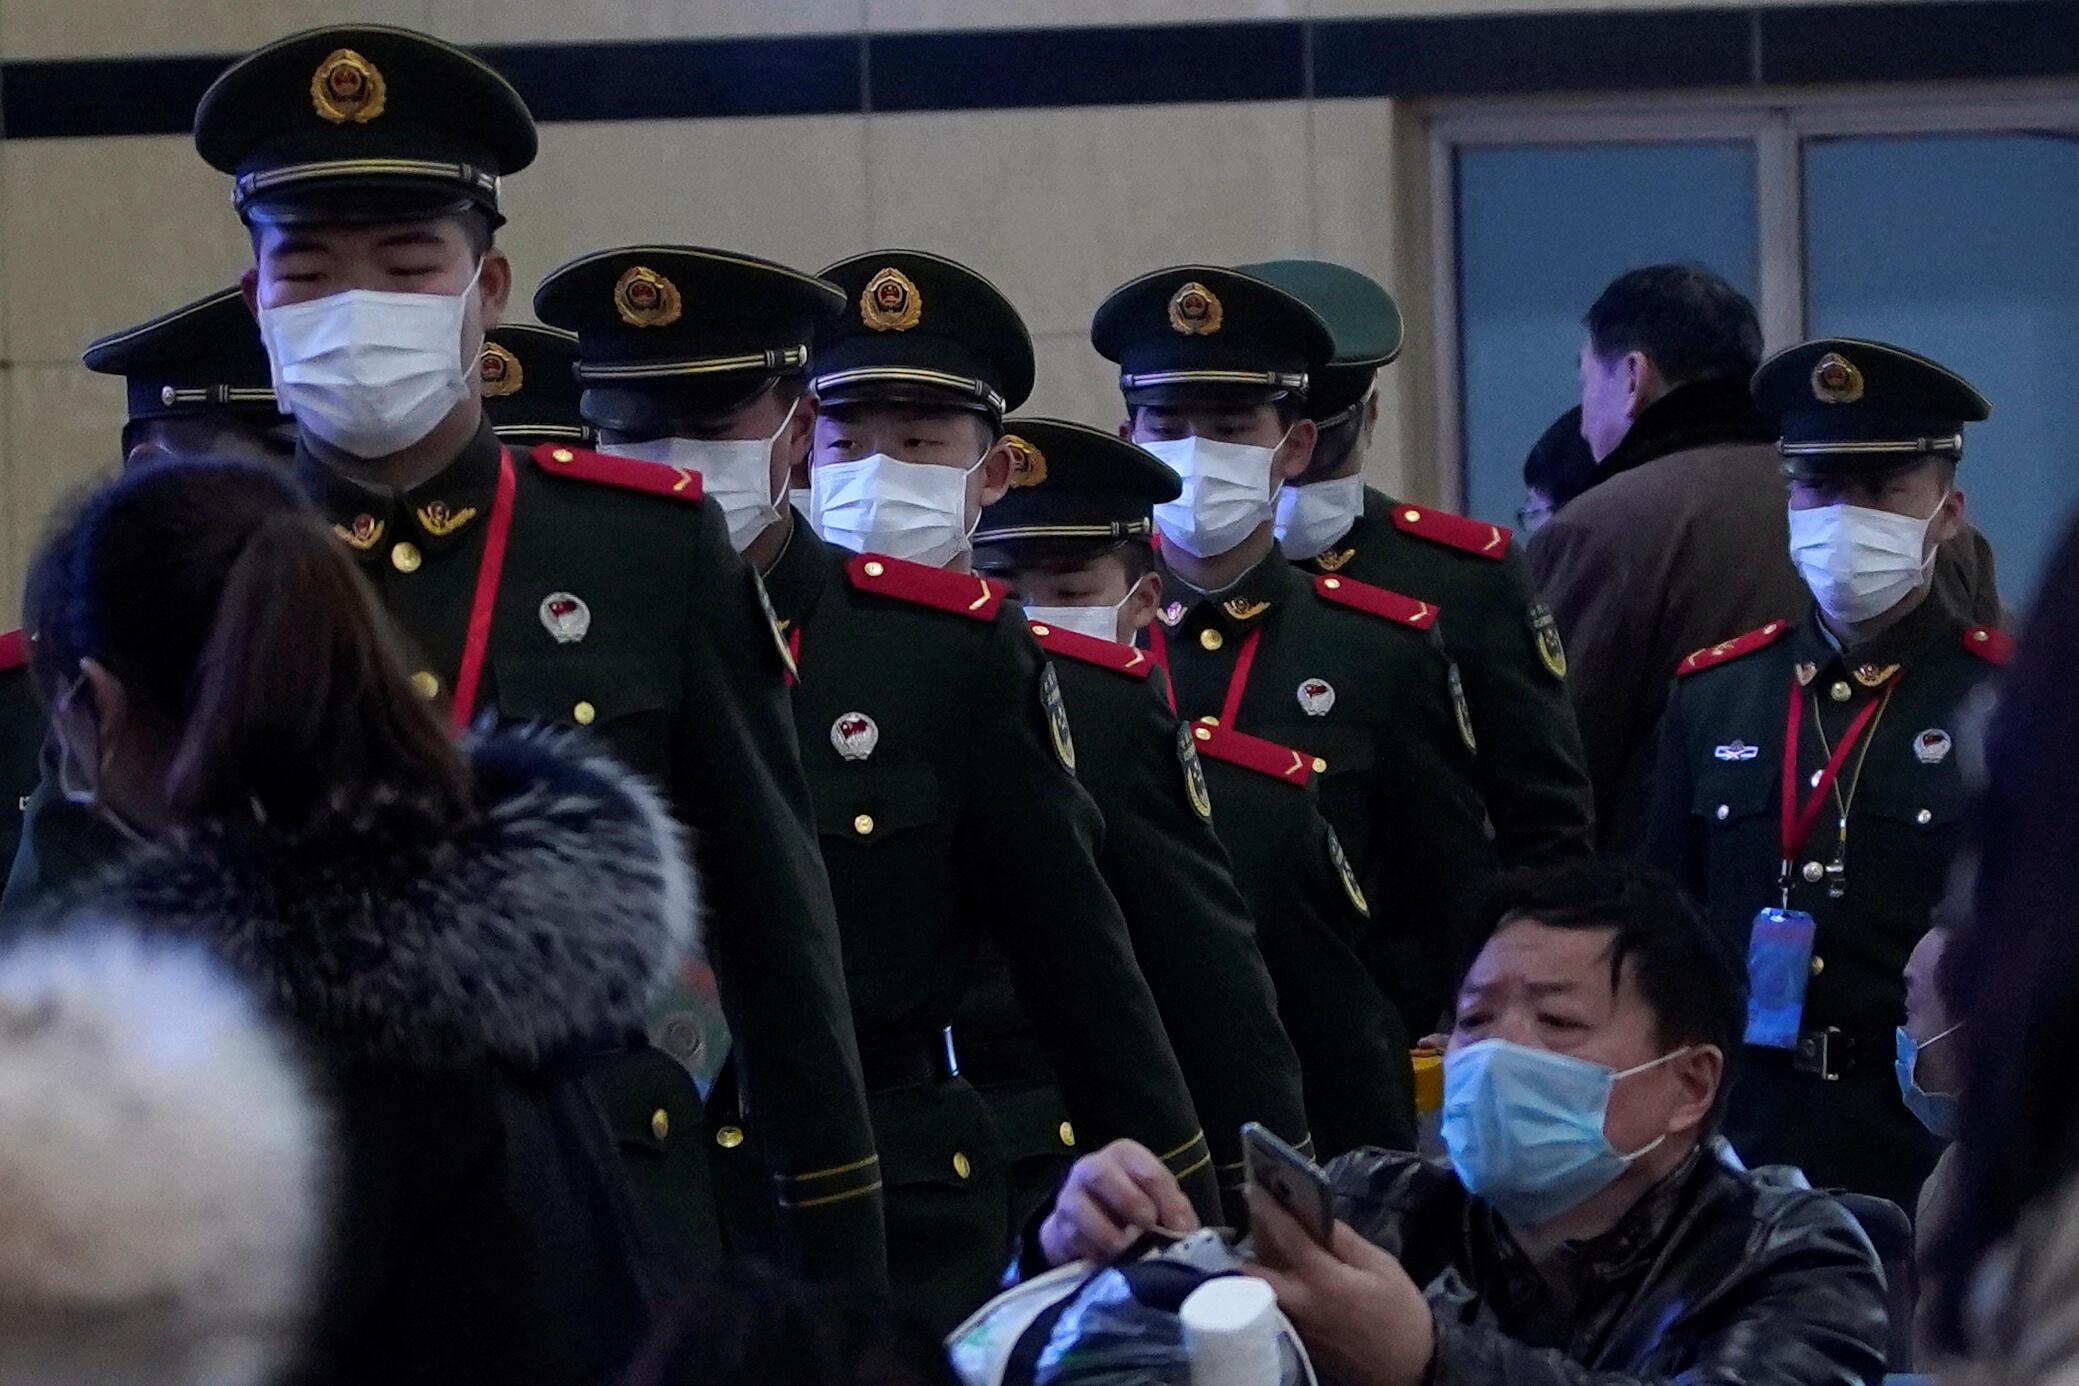 اپیدمی جدید در شهر شانگهای مشاهده شده است:نیروهای انتظامی در ایستگاه قطار شهر